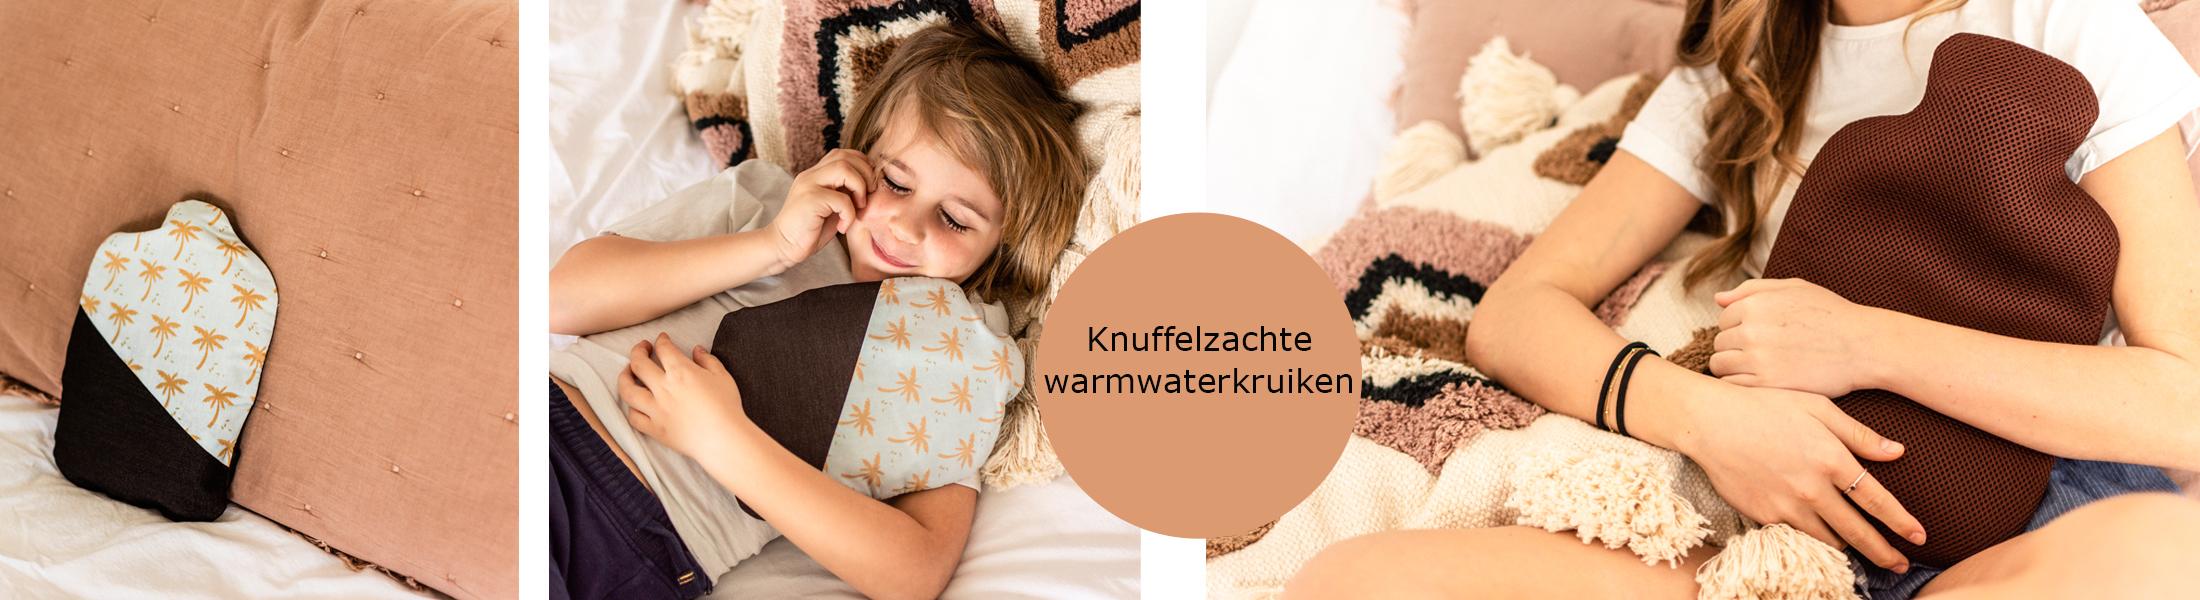 knuffelzachte warmwaterkruikjes